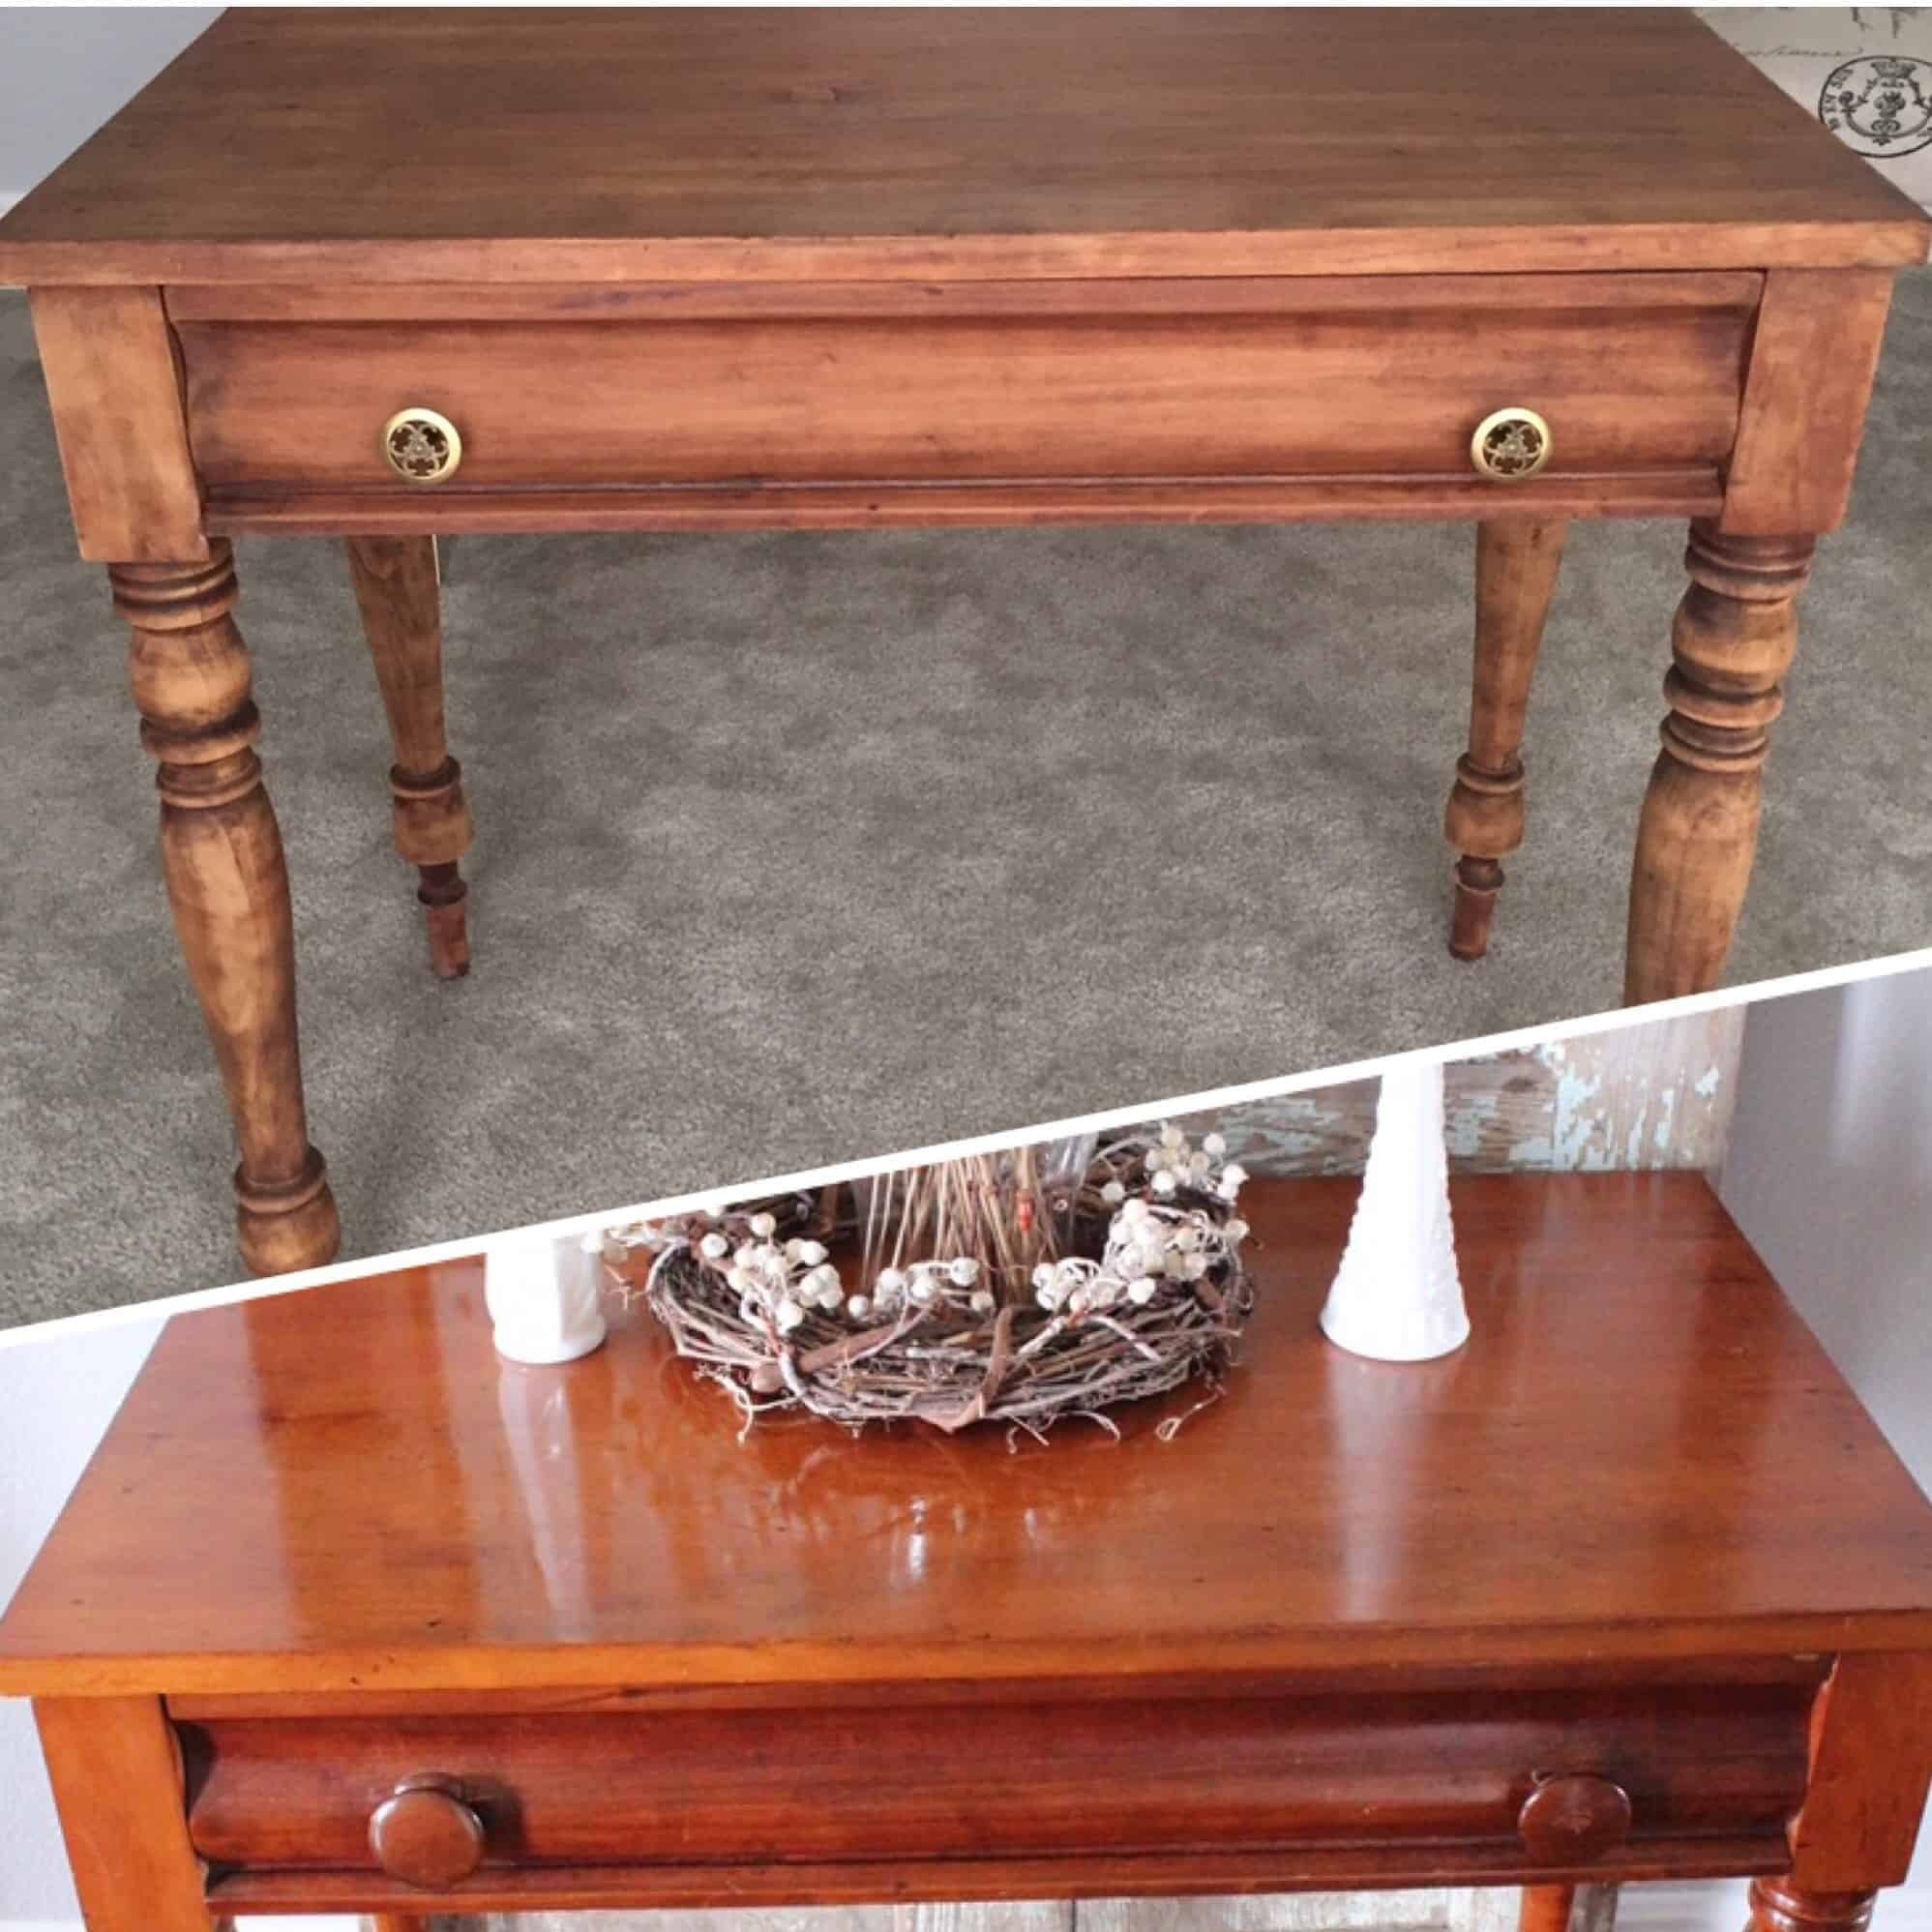 Furniture Stripper Home Design Ideas and